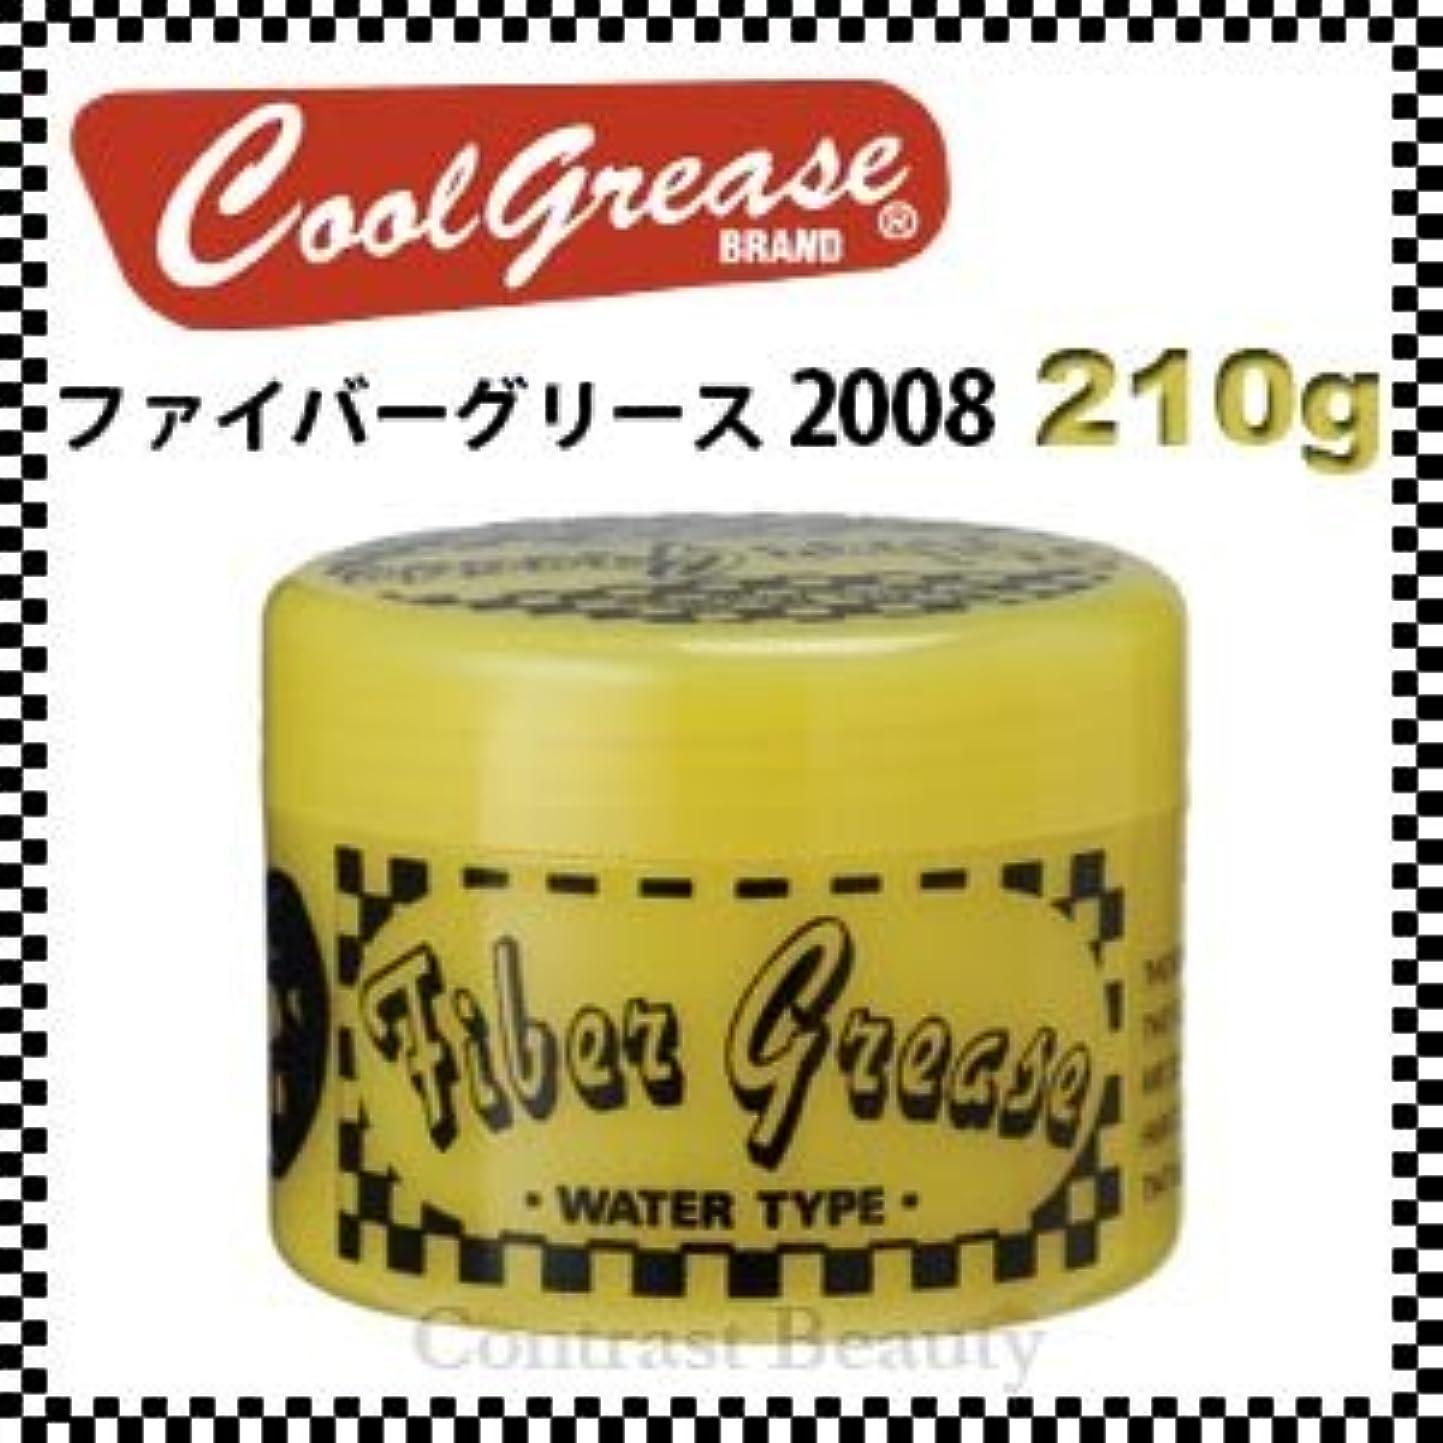 懸念作動する複製【X3個セット】 阪本高生堂 ファイバーグリース 2008 210g